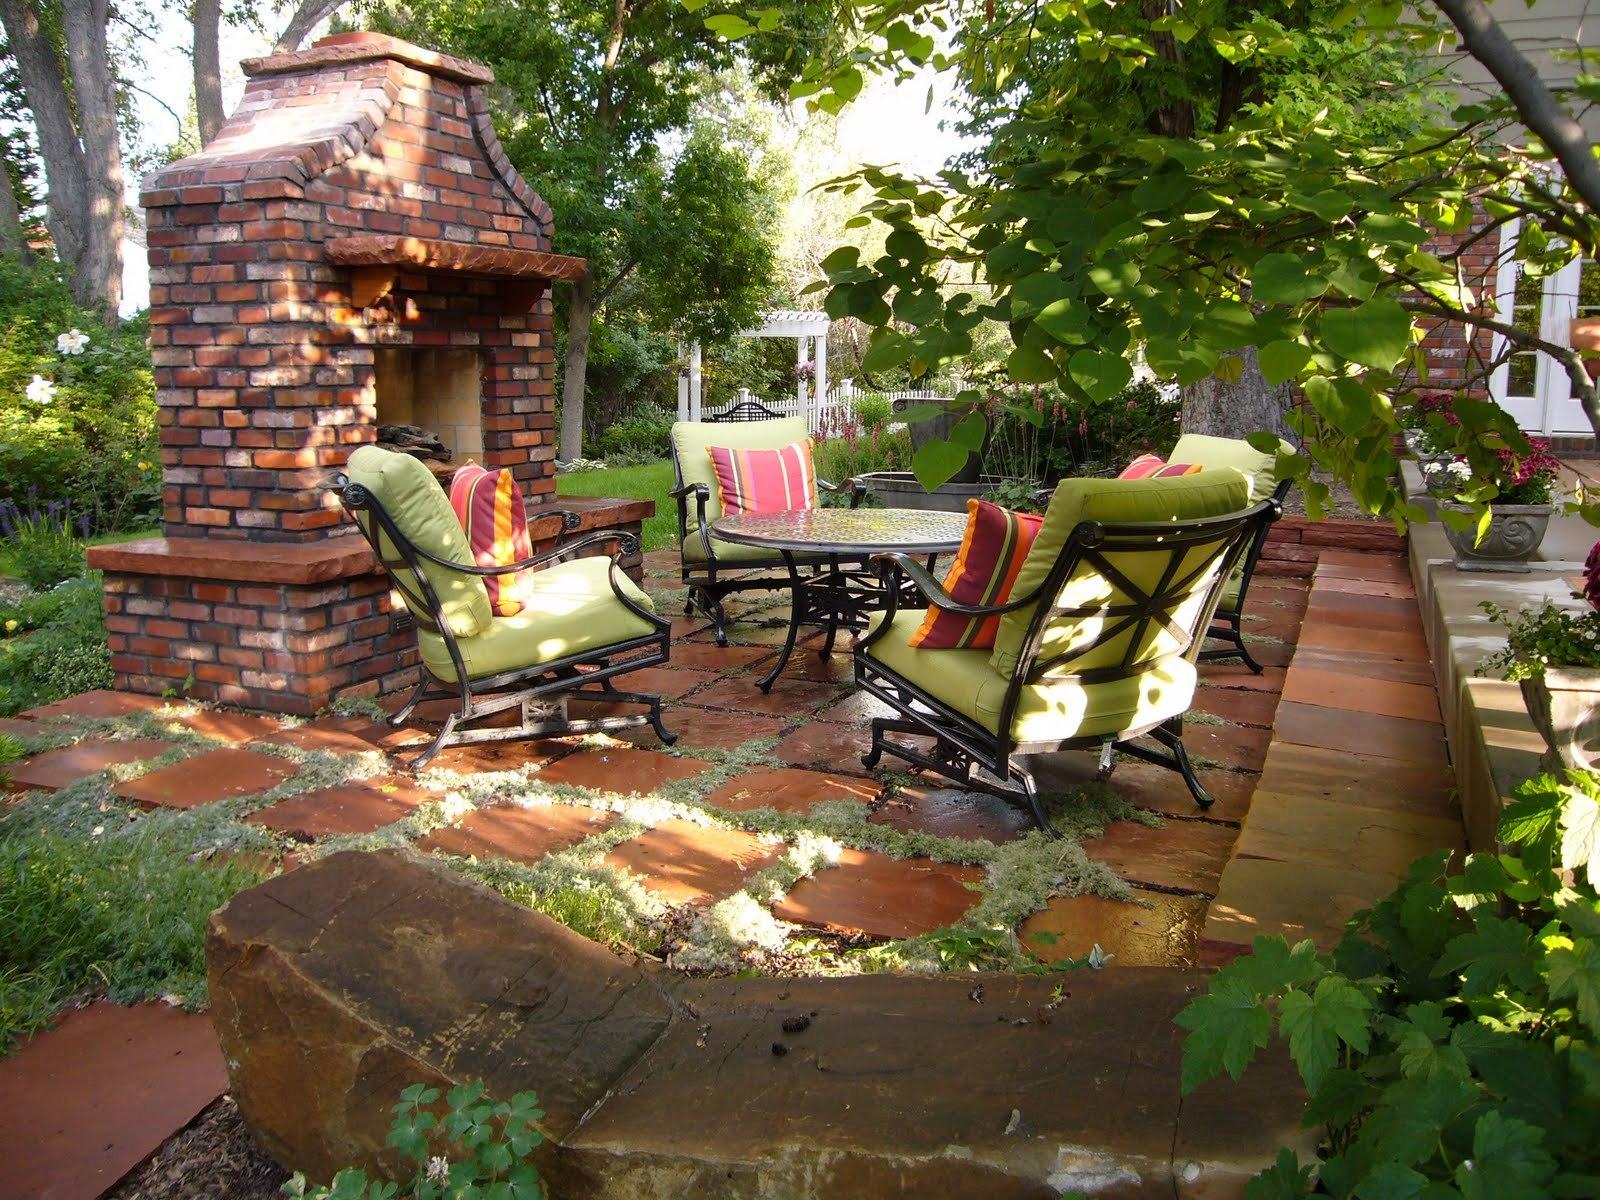 Патио обязательно имеет твердое покрытие: камень, бетон, плитка, дерево.